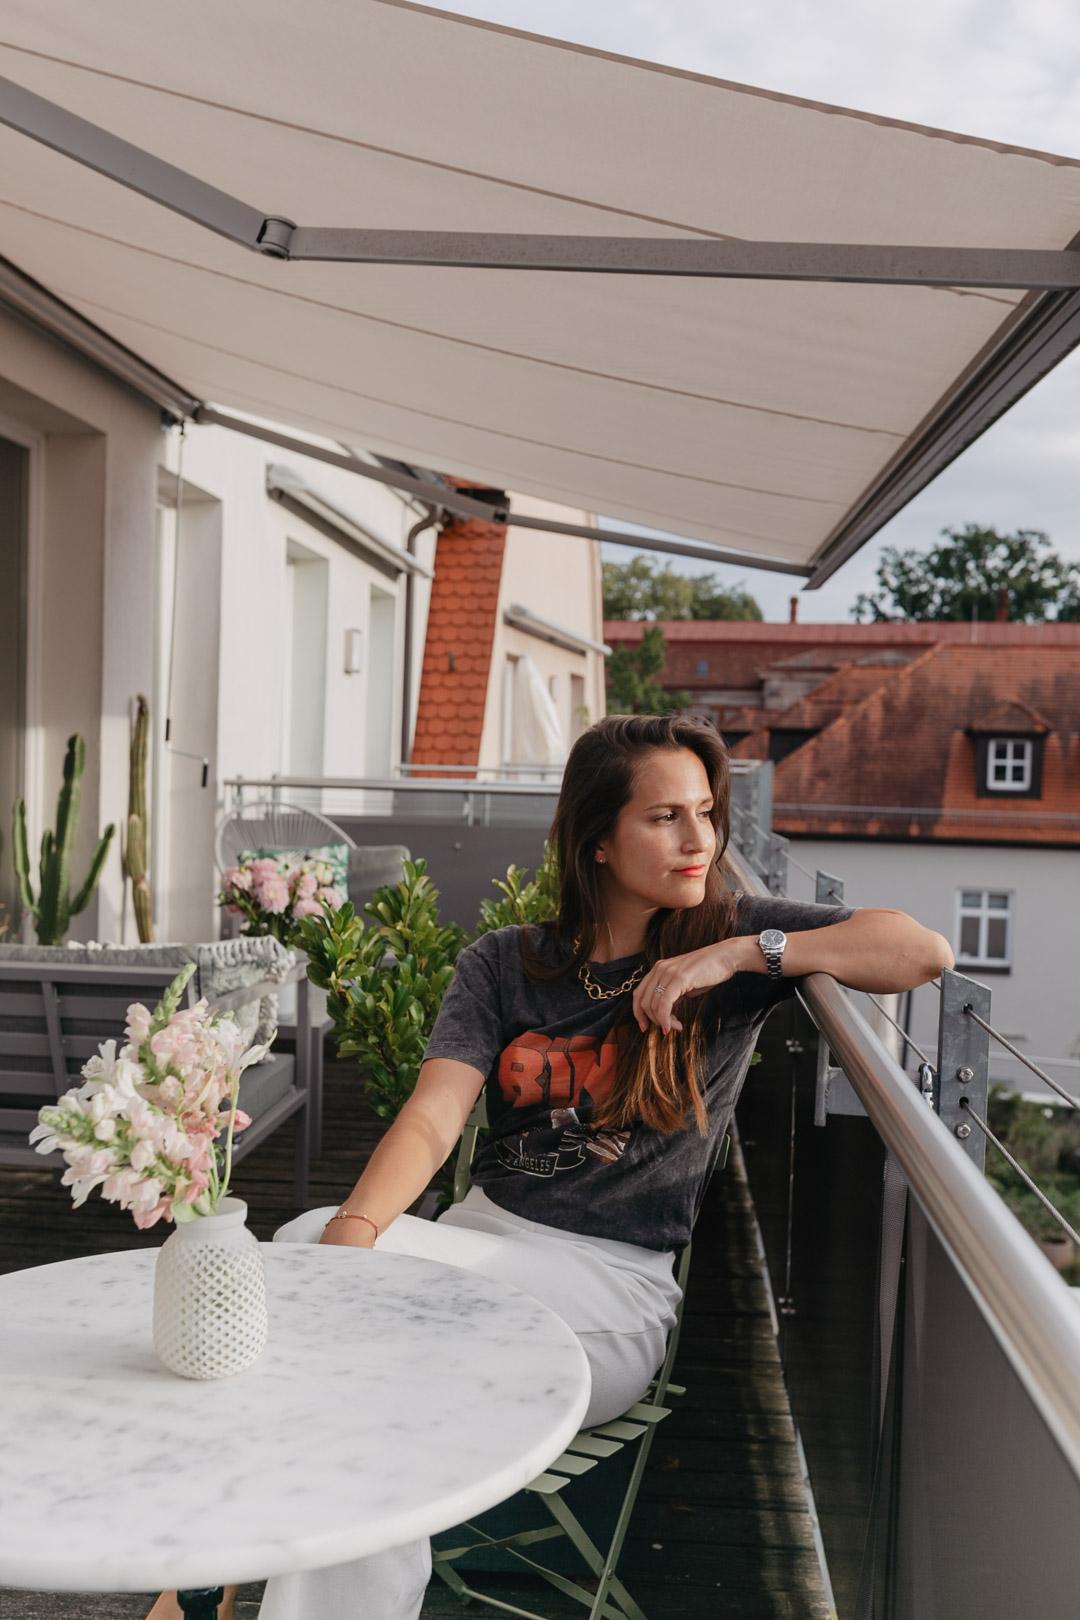 Balkonien 2020 – Unser Balkon im Loft | www.piecesofmariposa.com